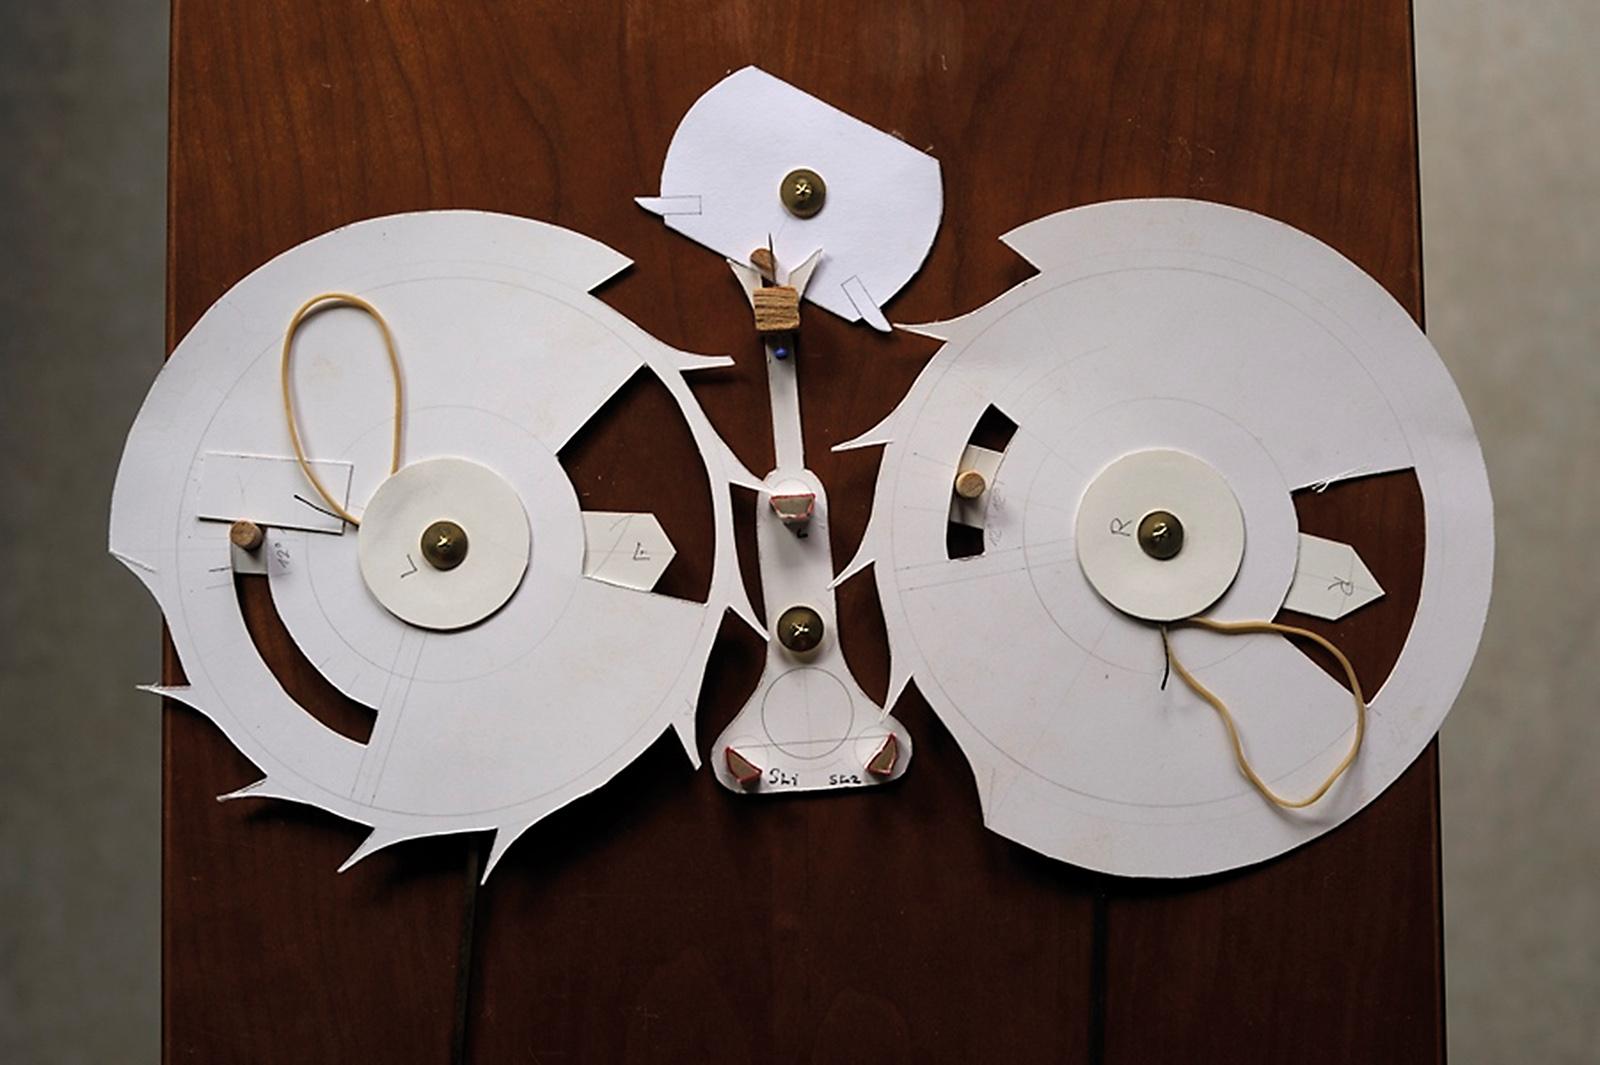 Derek Pratt's working model of the double-wheel remontoir escapement